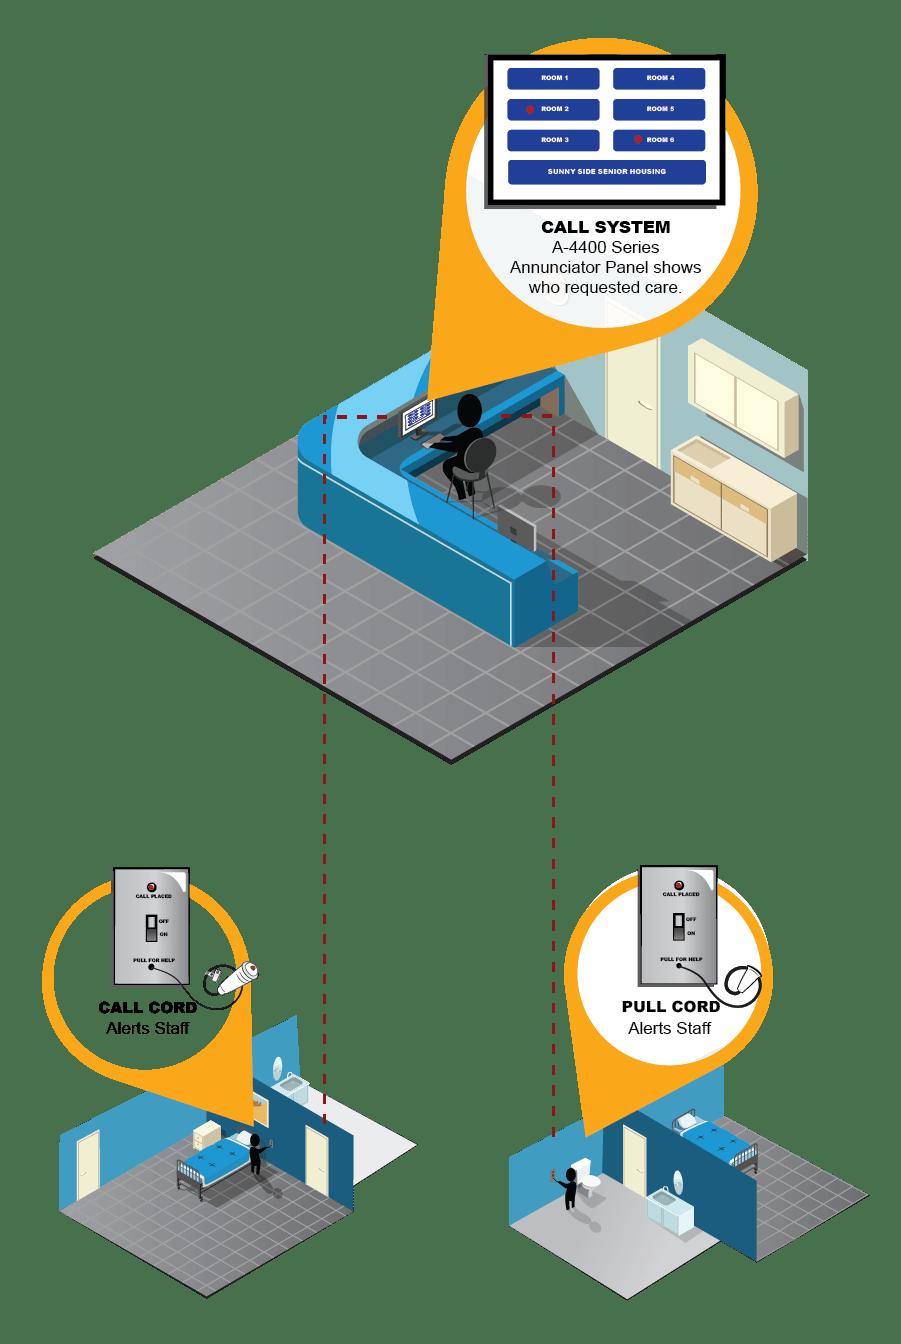 medium resolution of cornell nurse call system diagram cornell nurse call system diagram